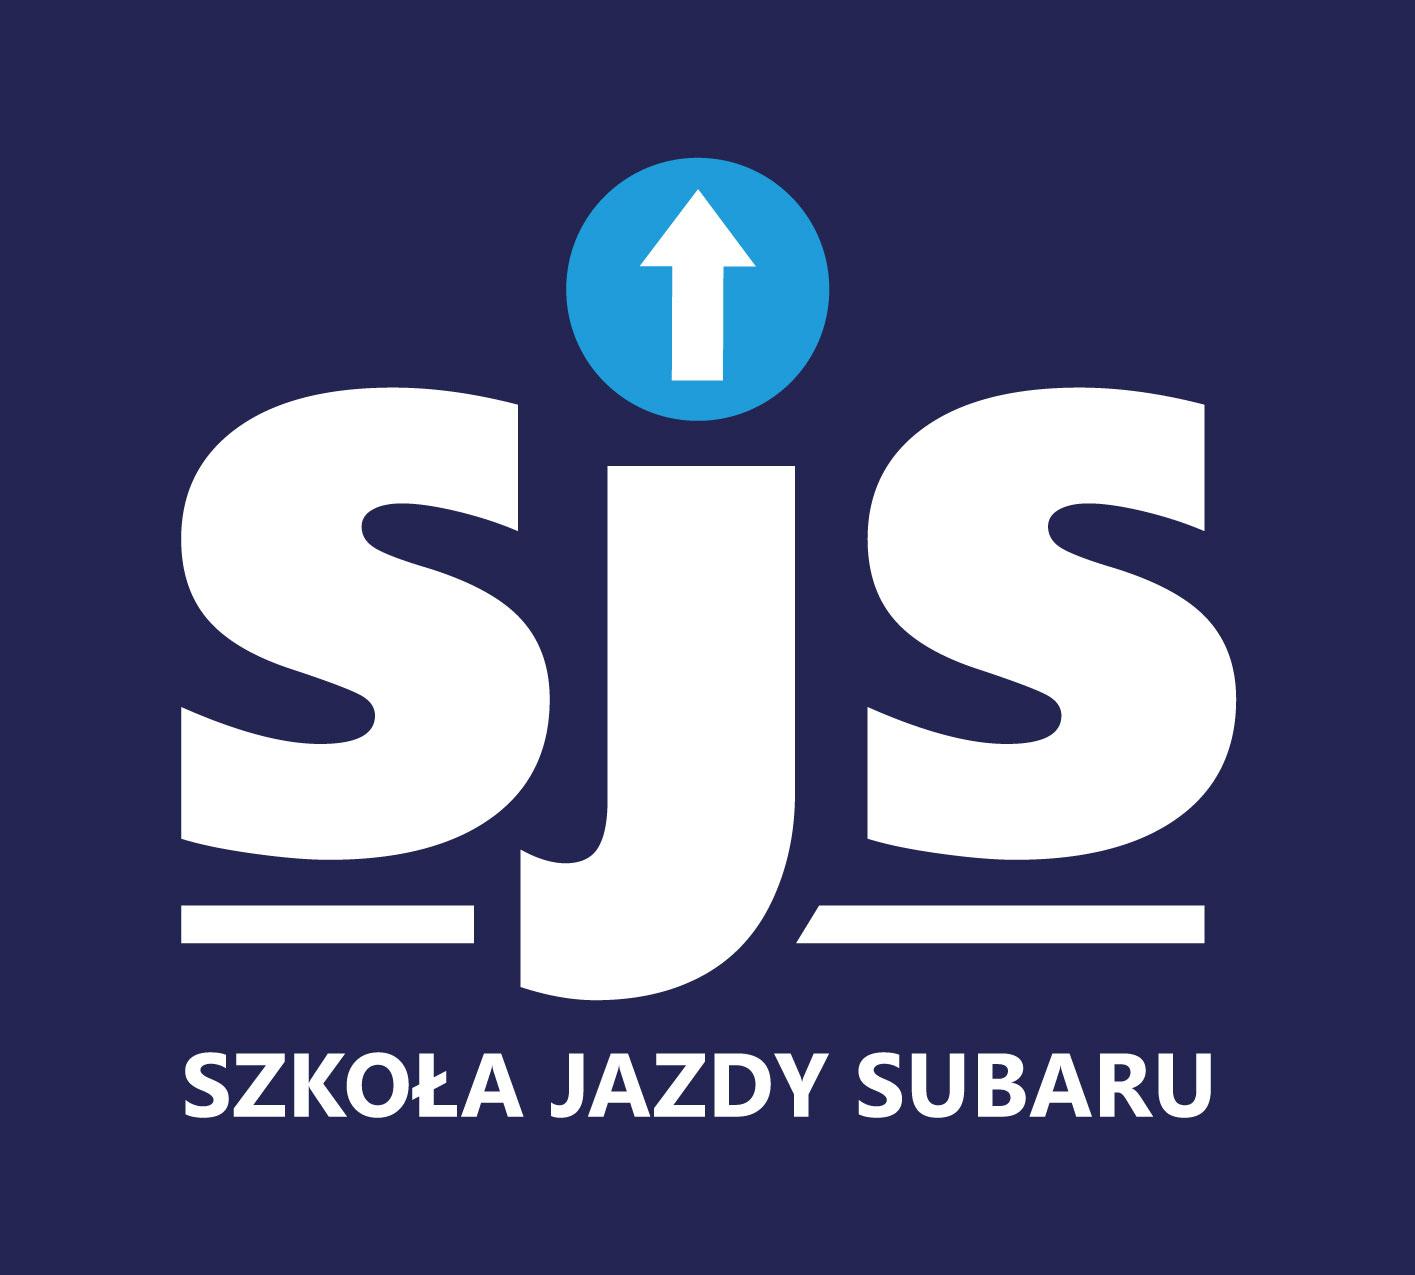 Szkoła Jazdy Subaru - szkoła kierowców rajdowych